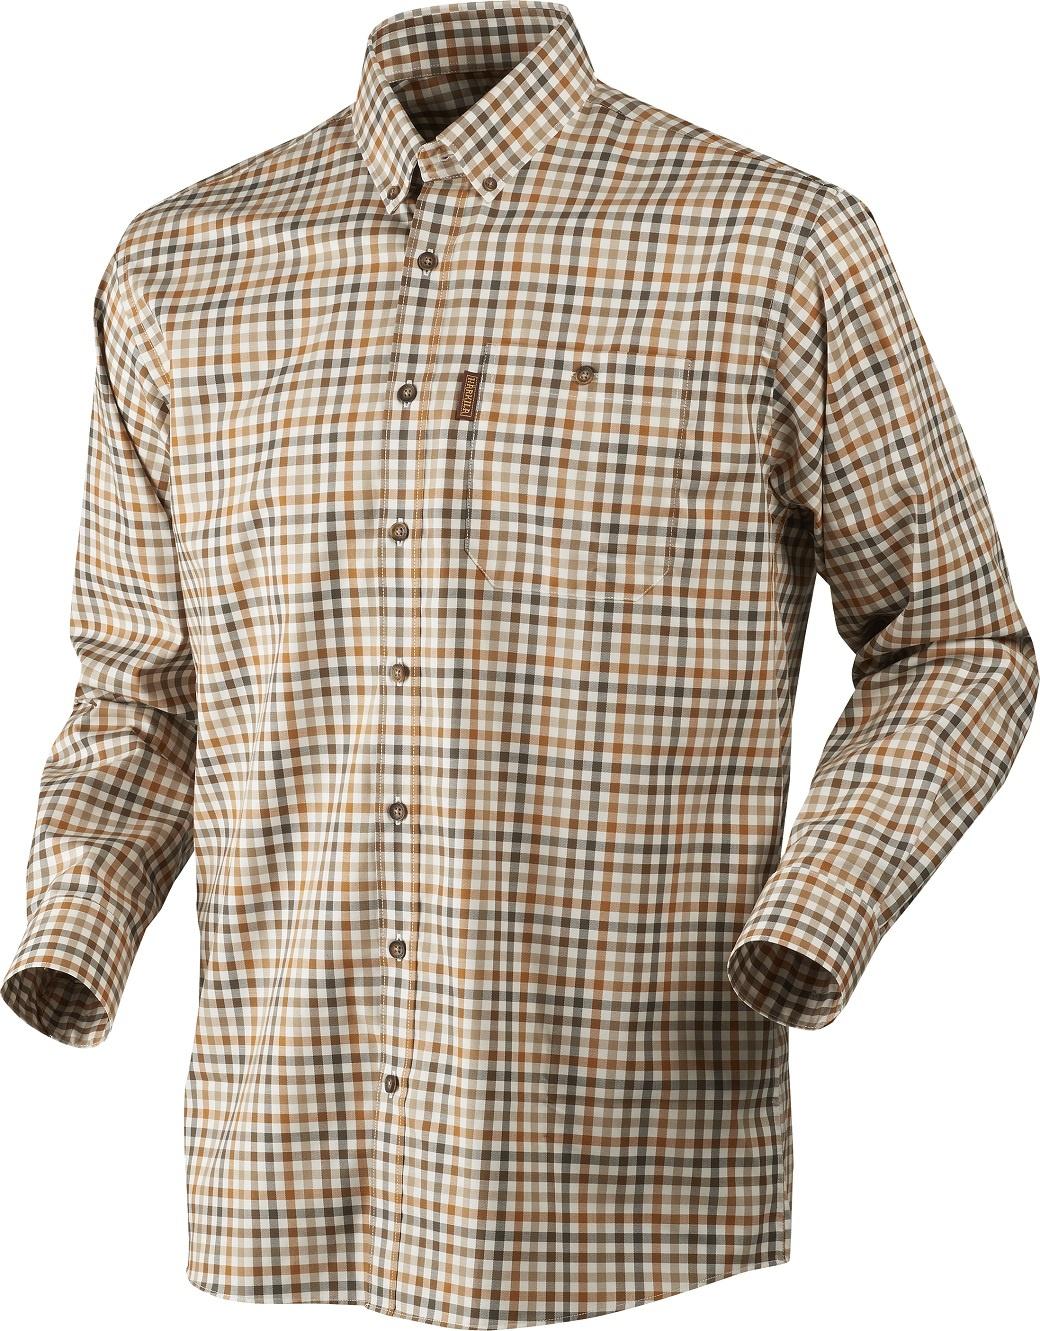 Härkila Milford Shirt Spice Check-1